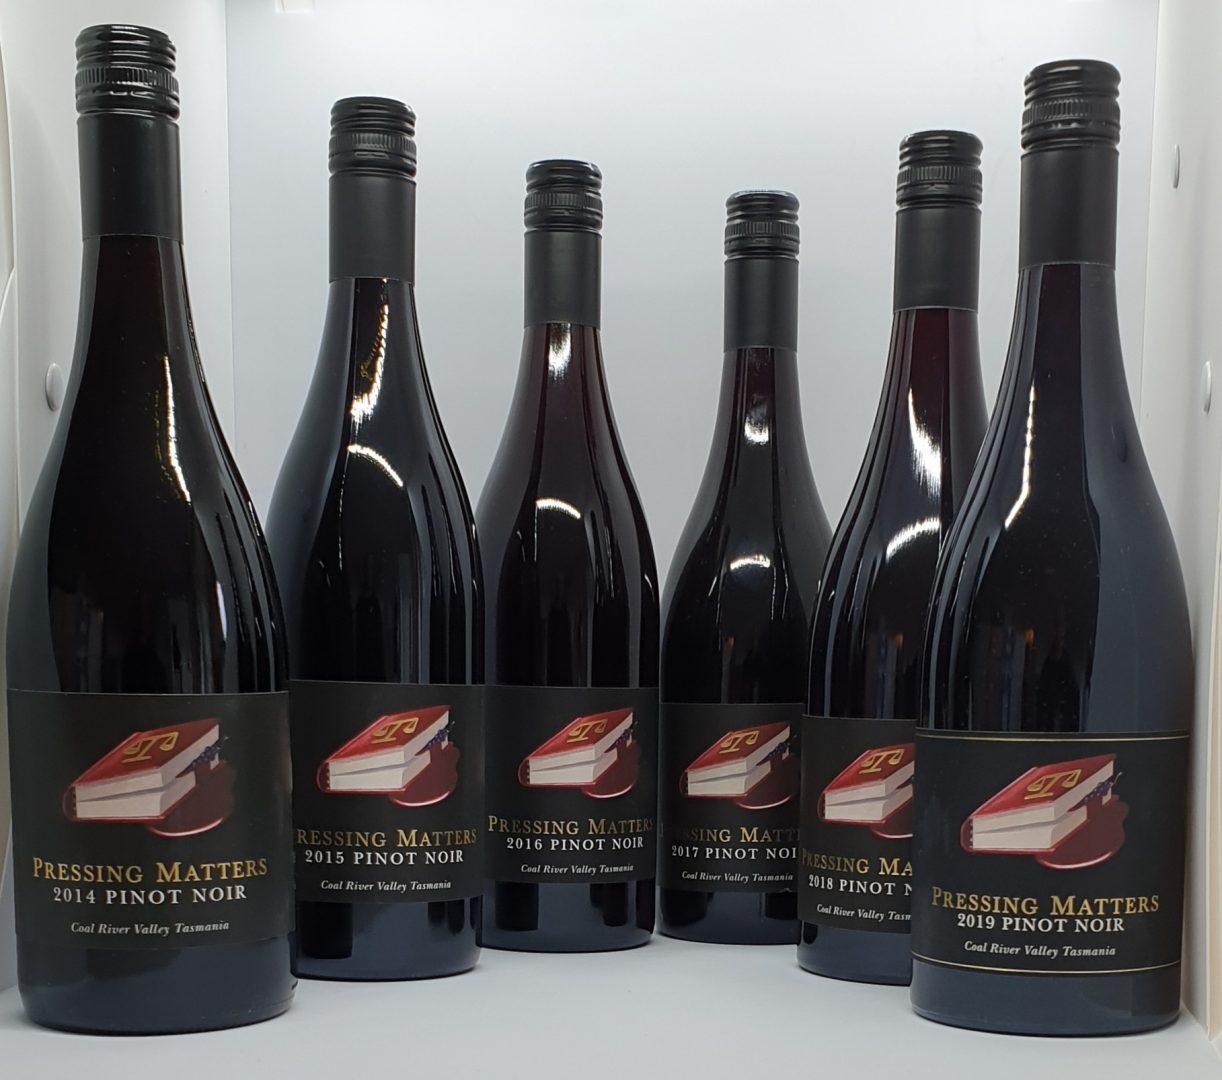 Pressing Matters Pinot Noir Vertical 6 pack (2014 - 2019)